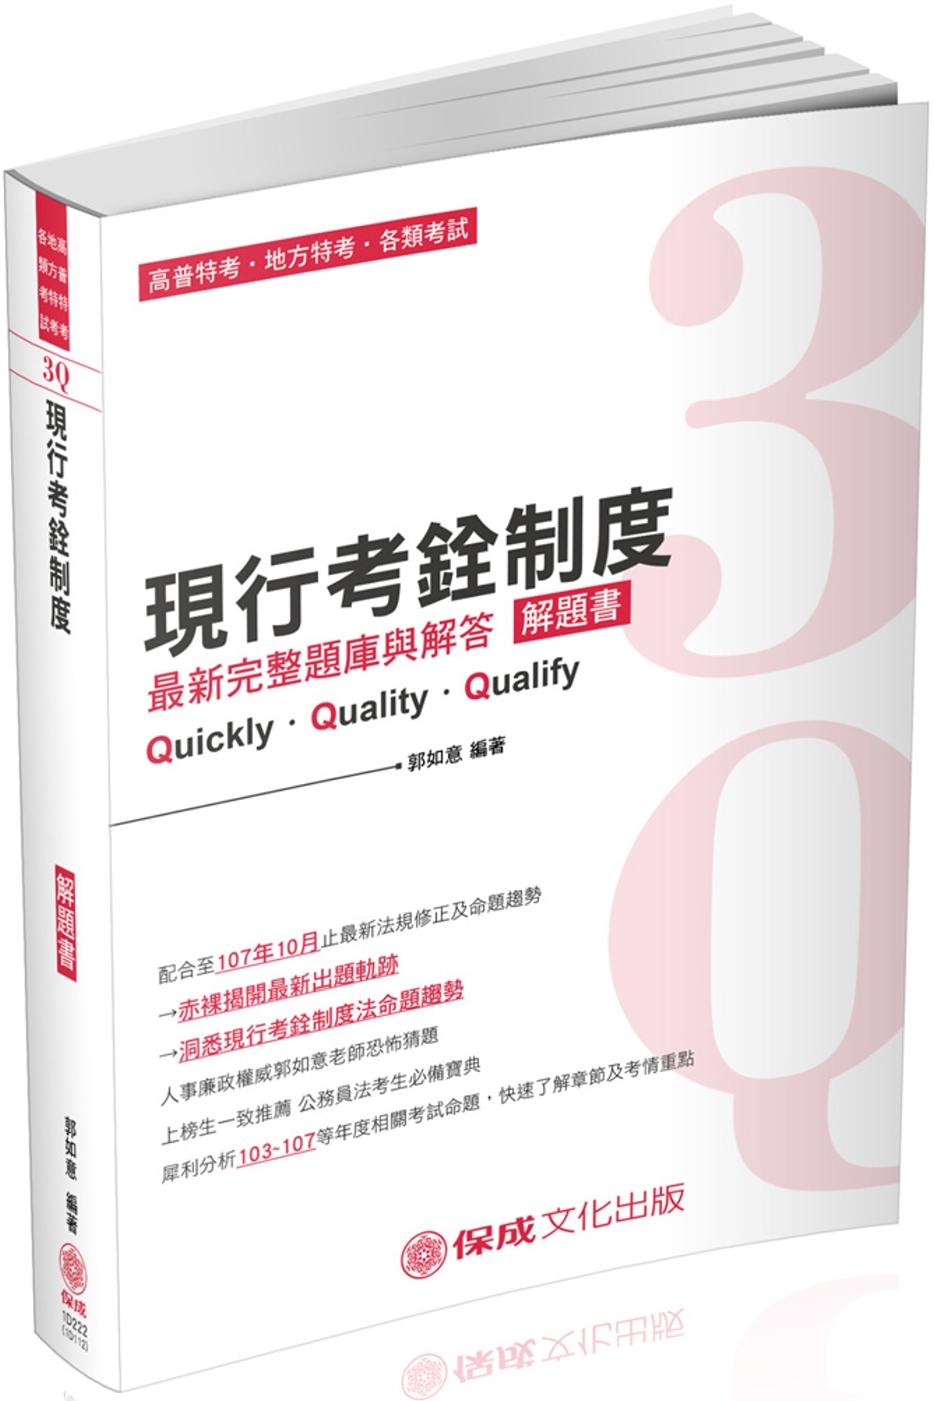 3Q現行考銓制度 解題書:2019高普特考、地方特考(保成)